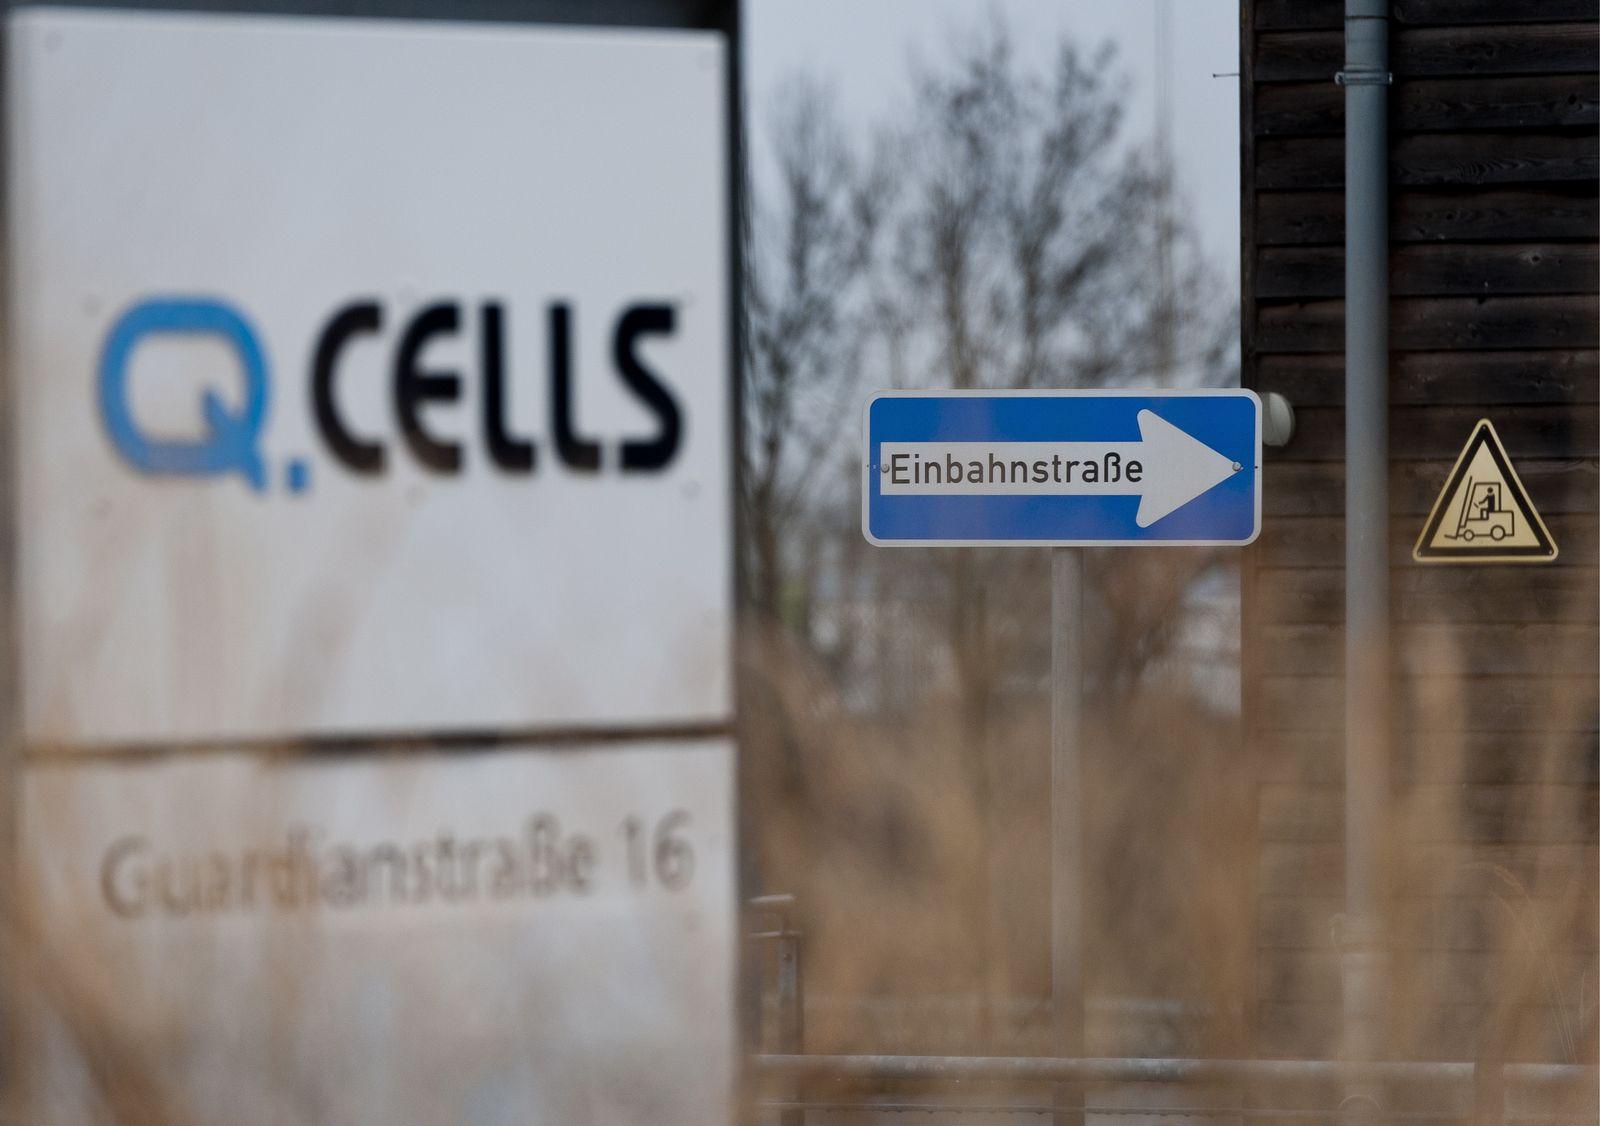 NICHT VERWENDEN q-cells